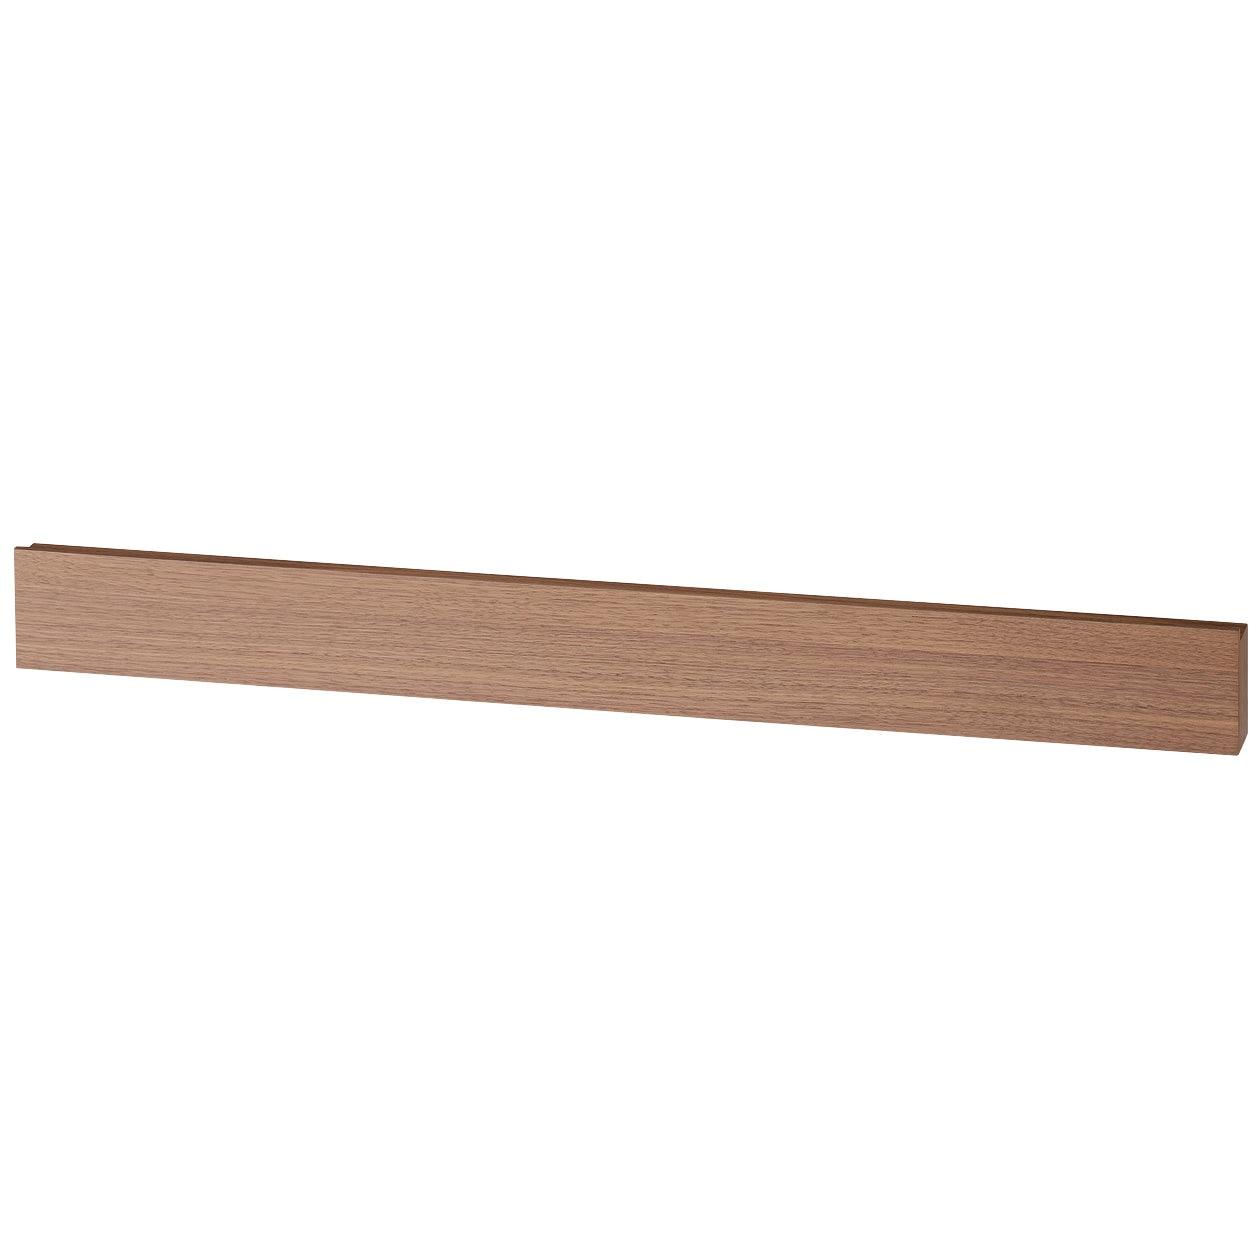 RoomClip商品情報 - 壁に付けられる家具・長押・幅88cm・ウォールナット材